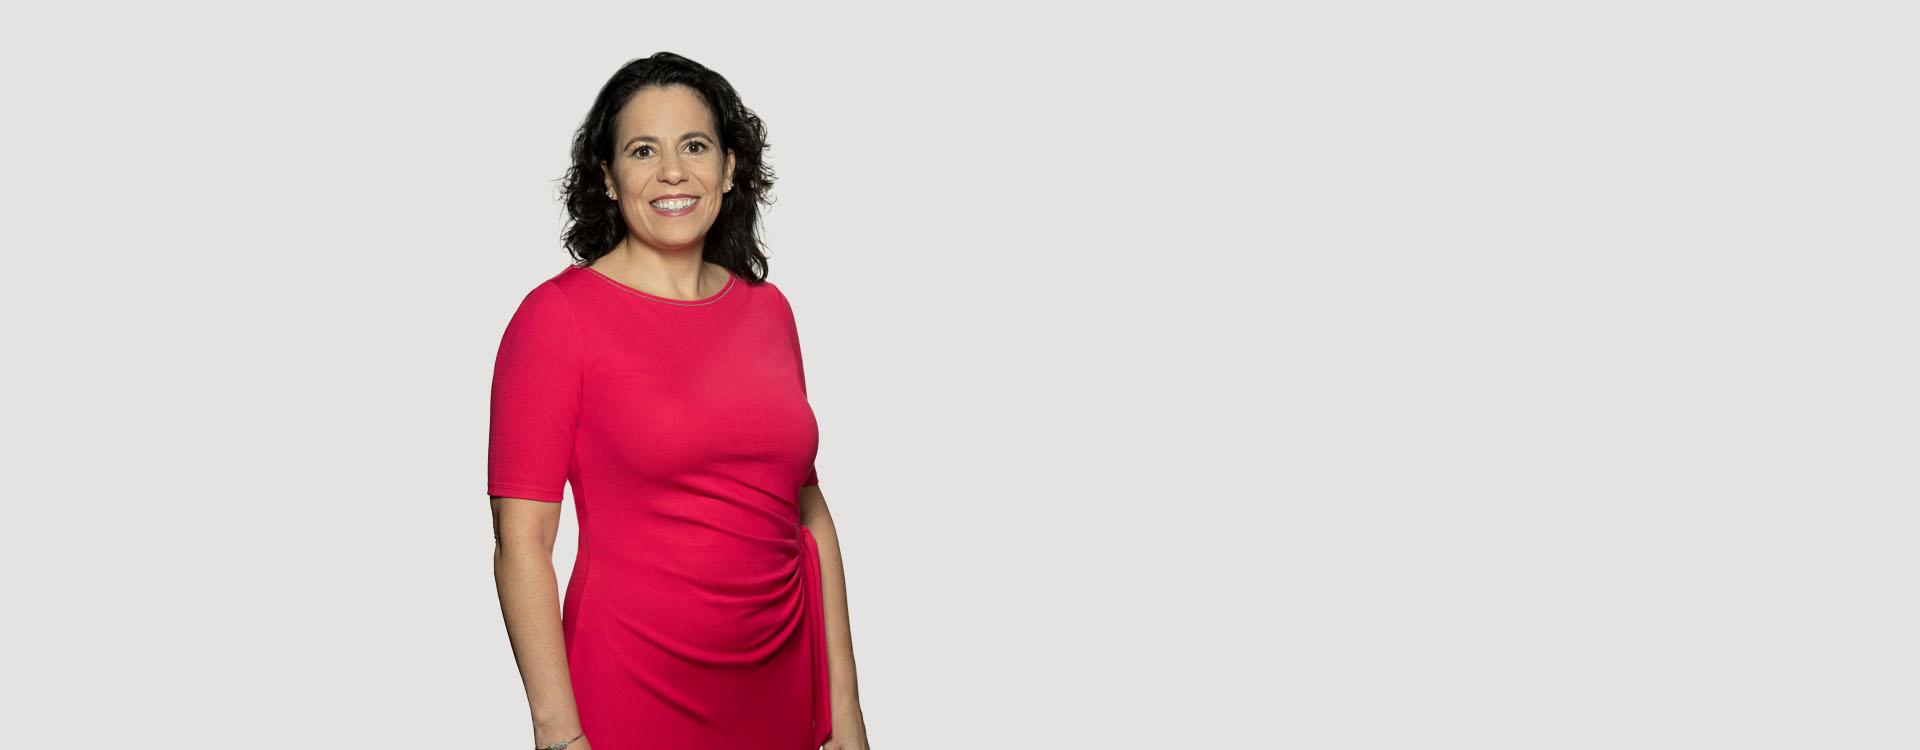 Pilar  G. Kraman